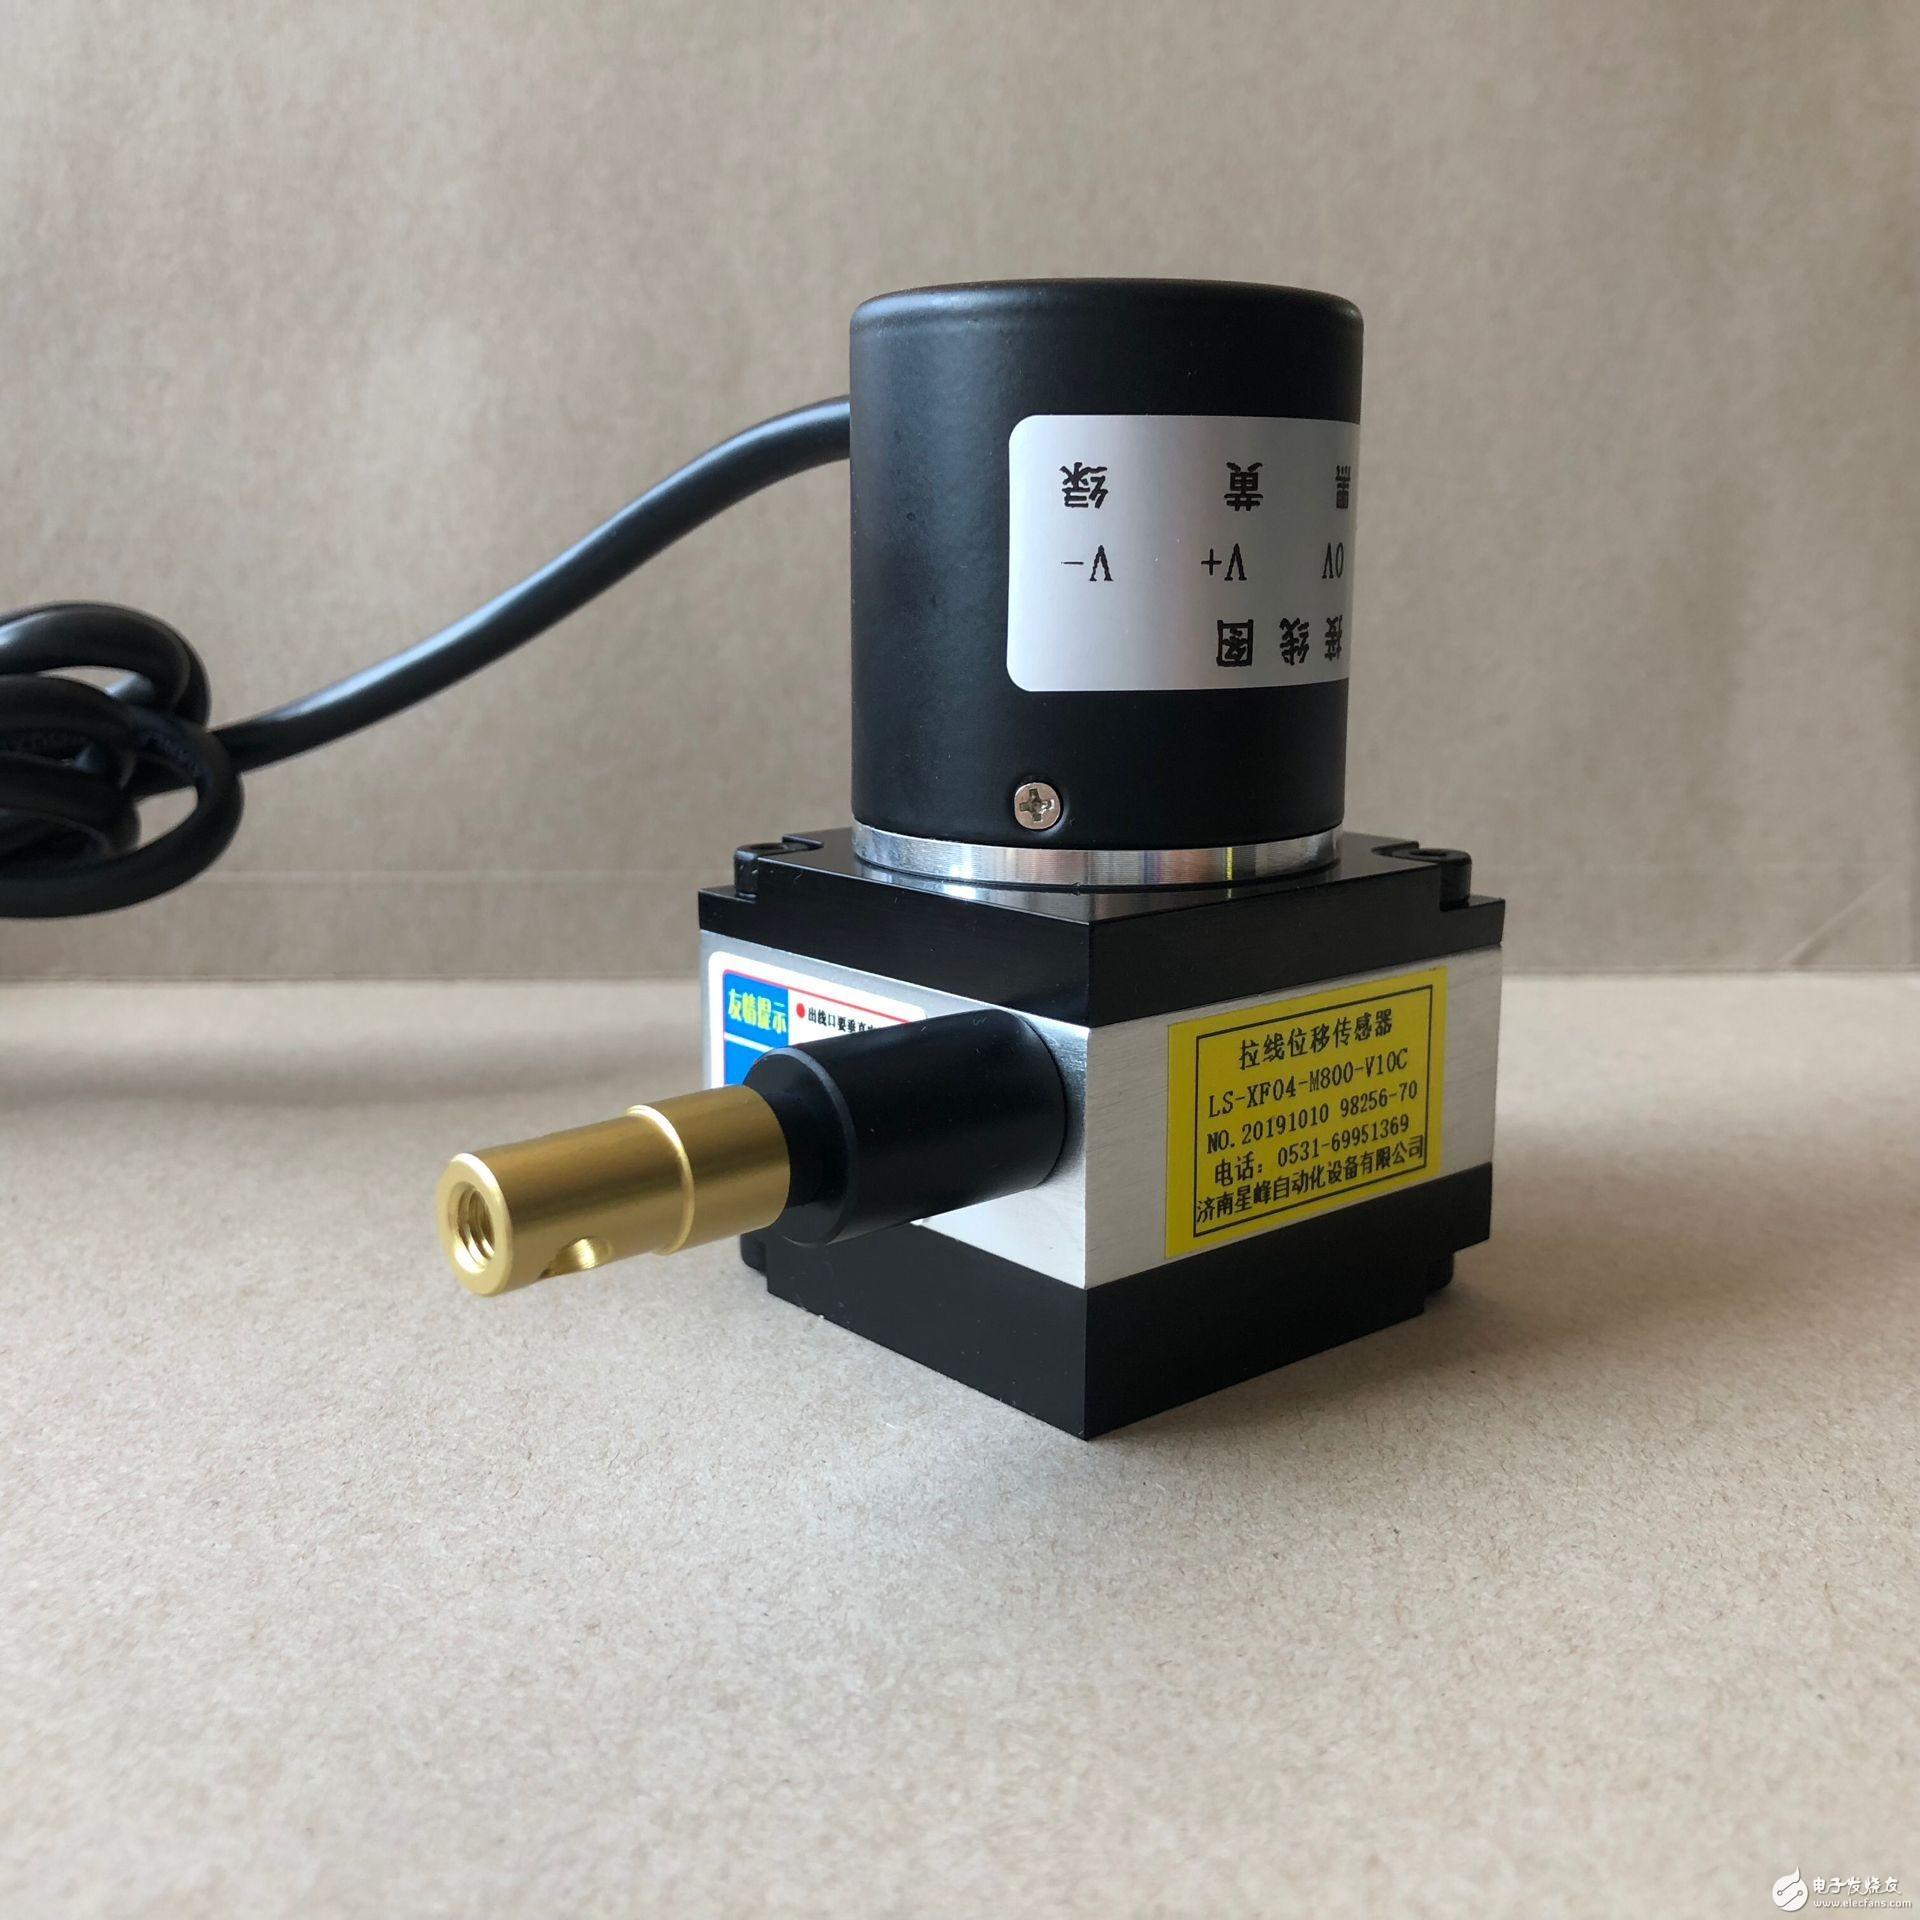 模拟输出拉绳式拉线位移传感器/电子尺的选型方式